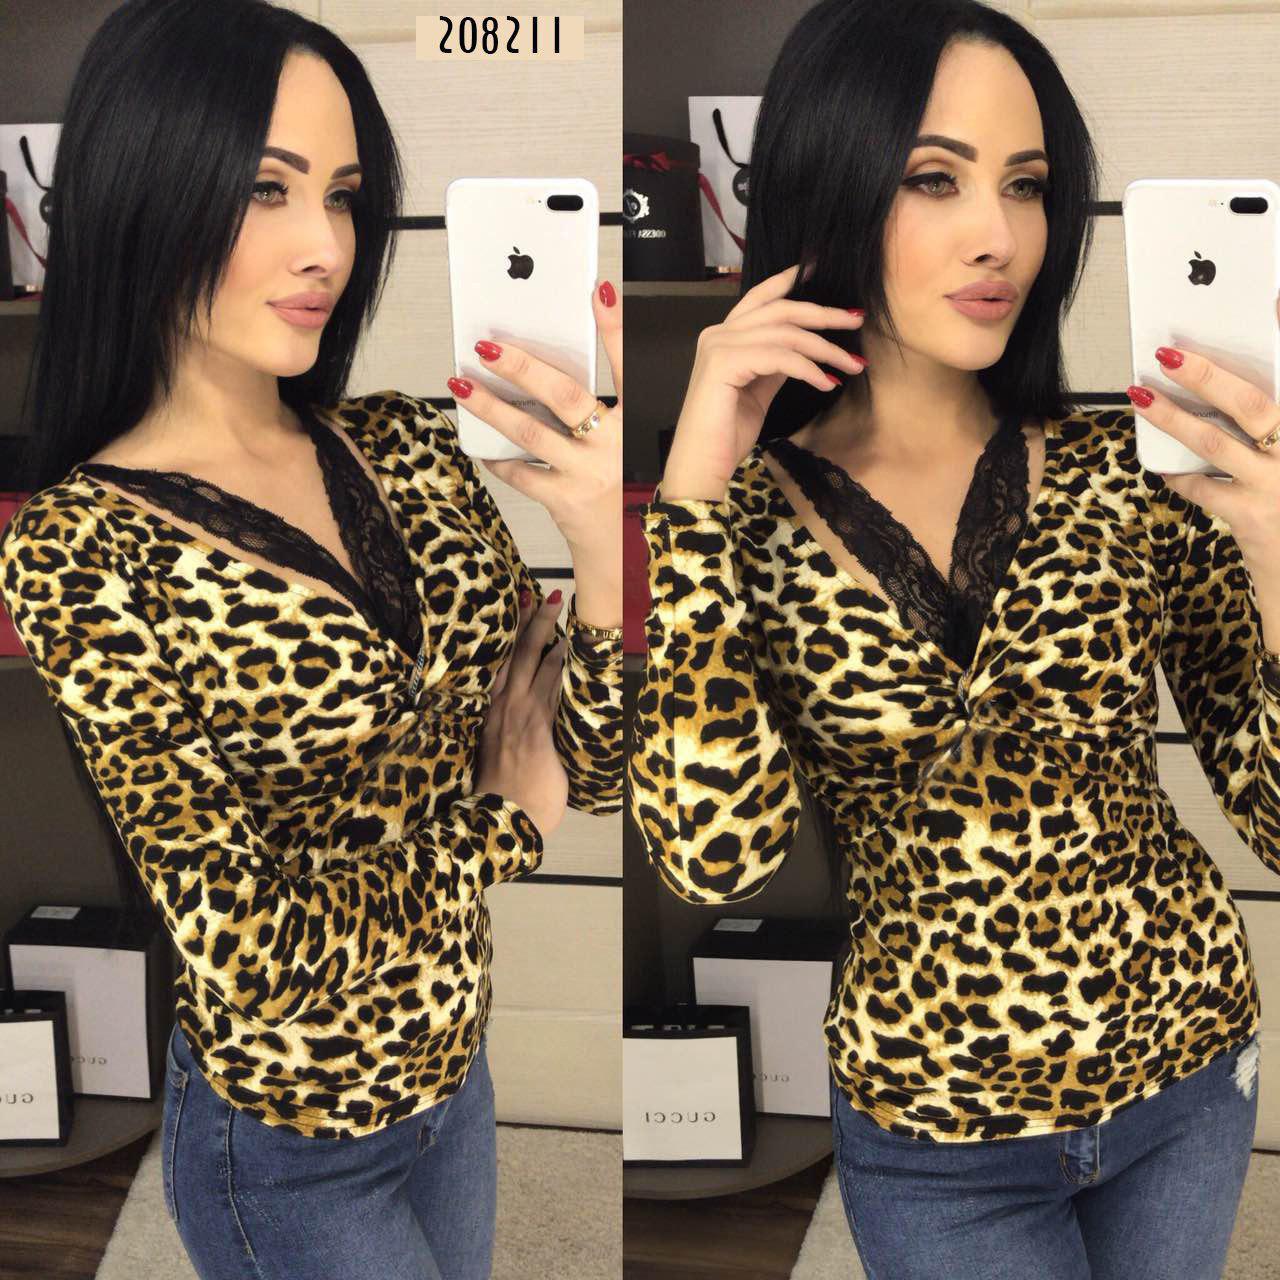 50697081846 Блузка леопардовая с длинным рукавом и кружевом (44-46р)  M-L -  FashionVerdict